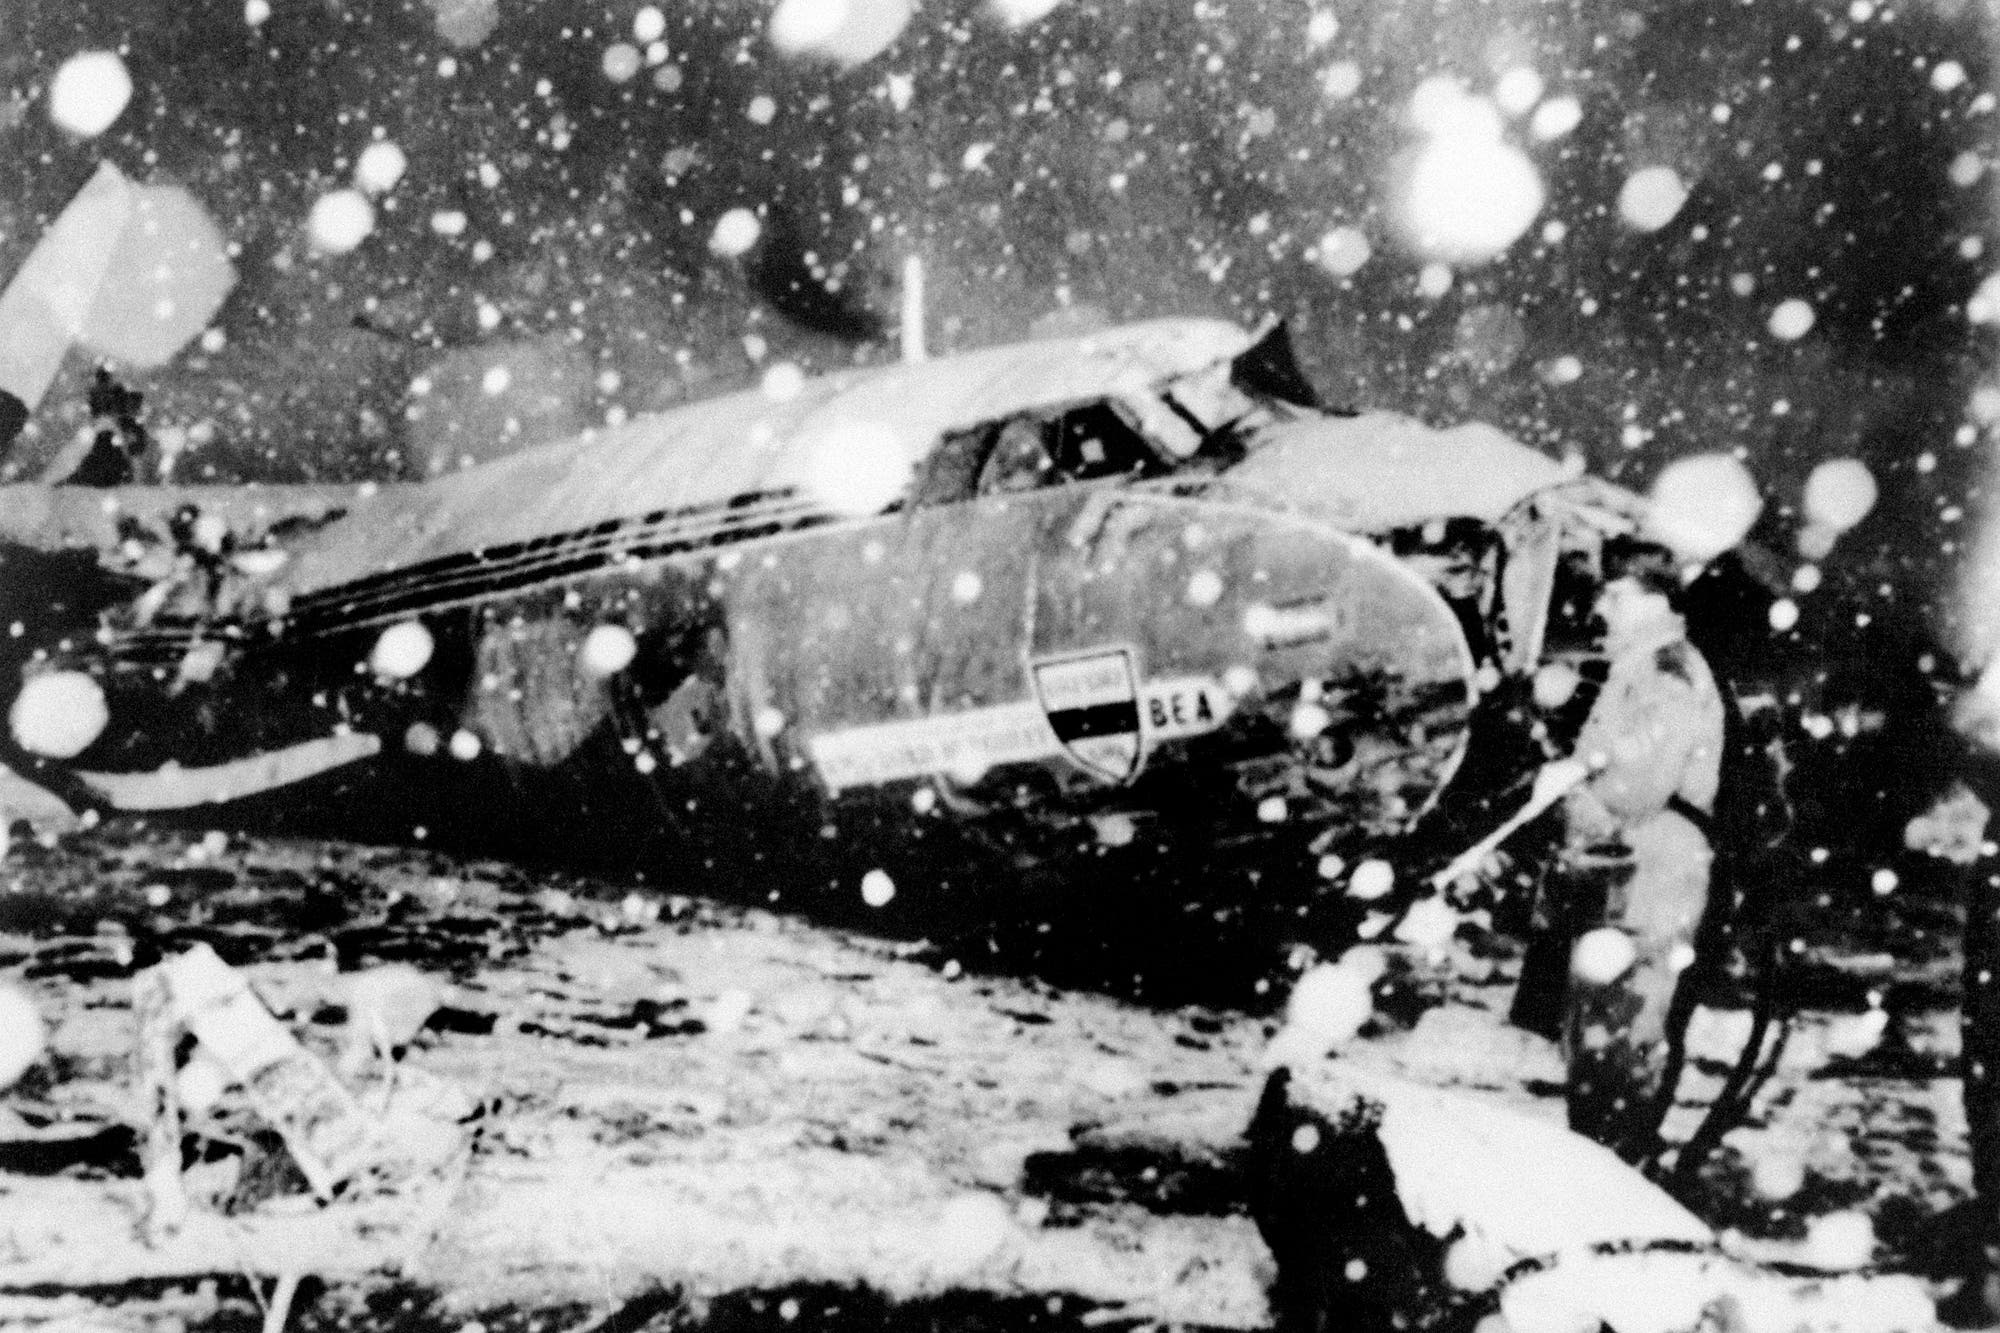 Murió Harry Gregg, el ex arquero del Manchester United que se convirtió en héroe por salvar a cinco personas durante un accidente aéreo